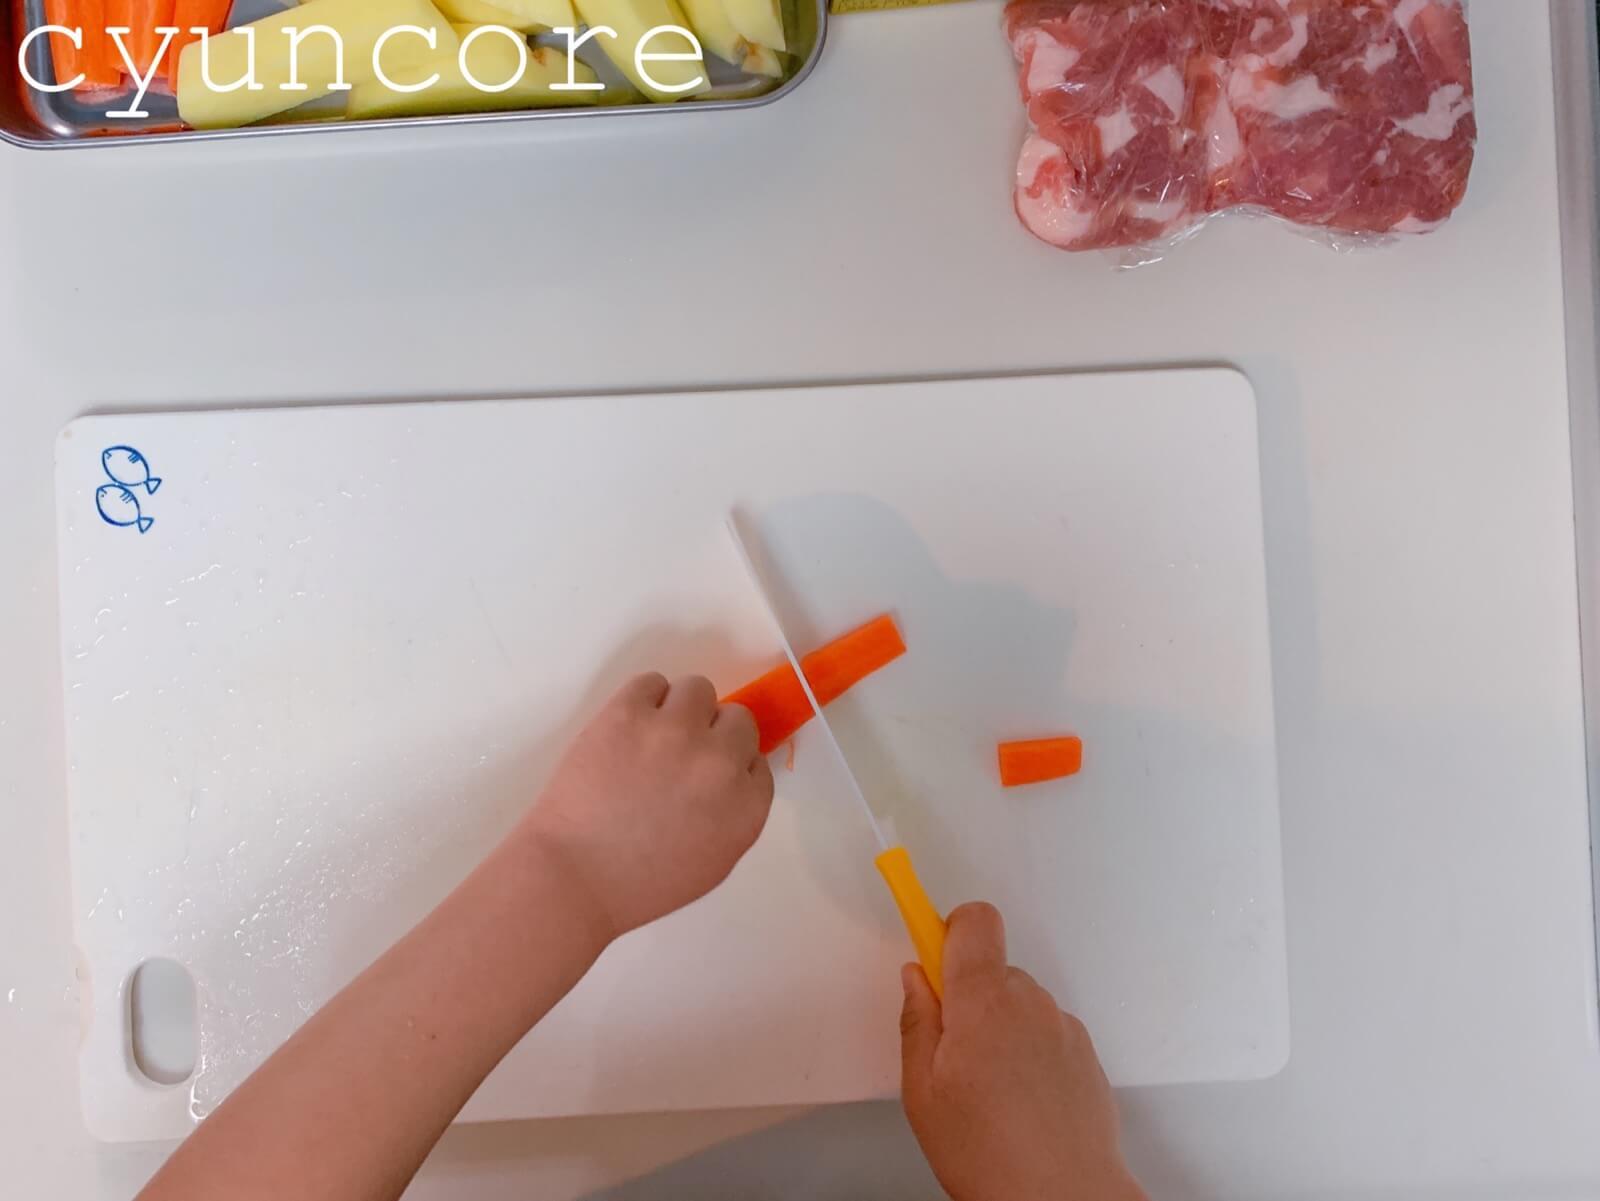 【キッズ包丁レシピ】4歳児が作る献立③カレーライスとサラダ